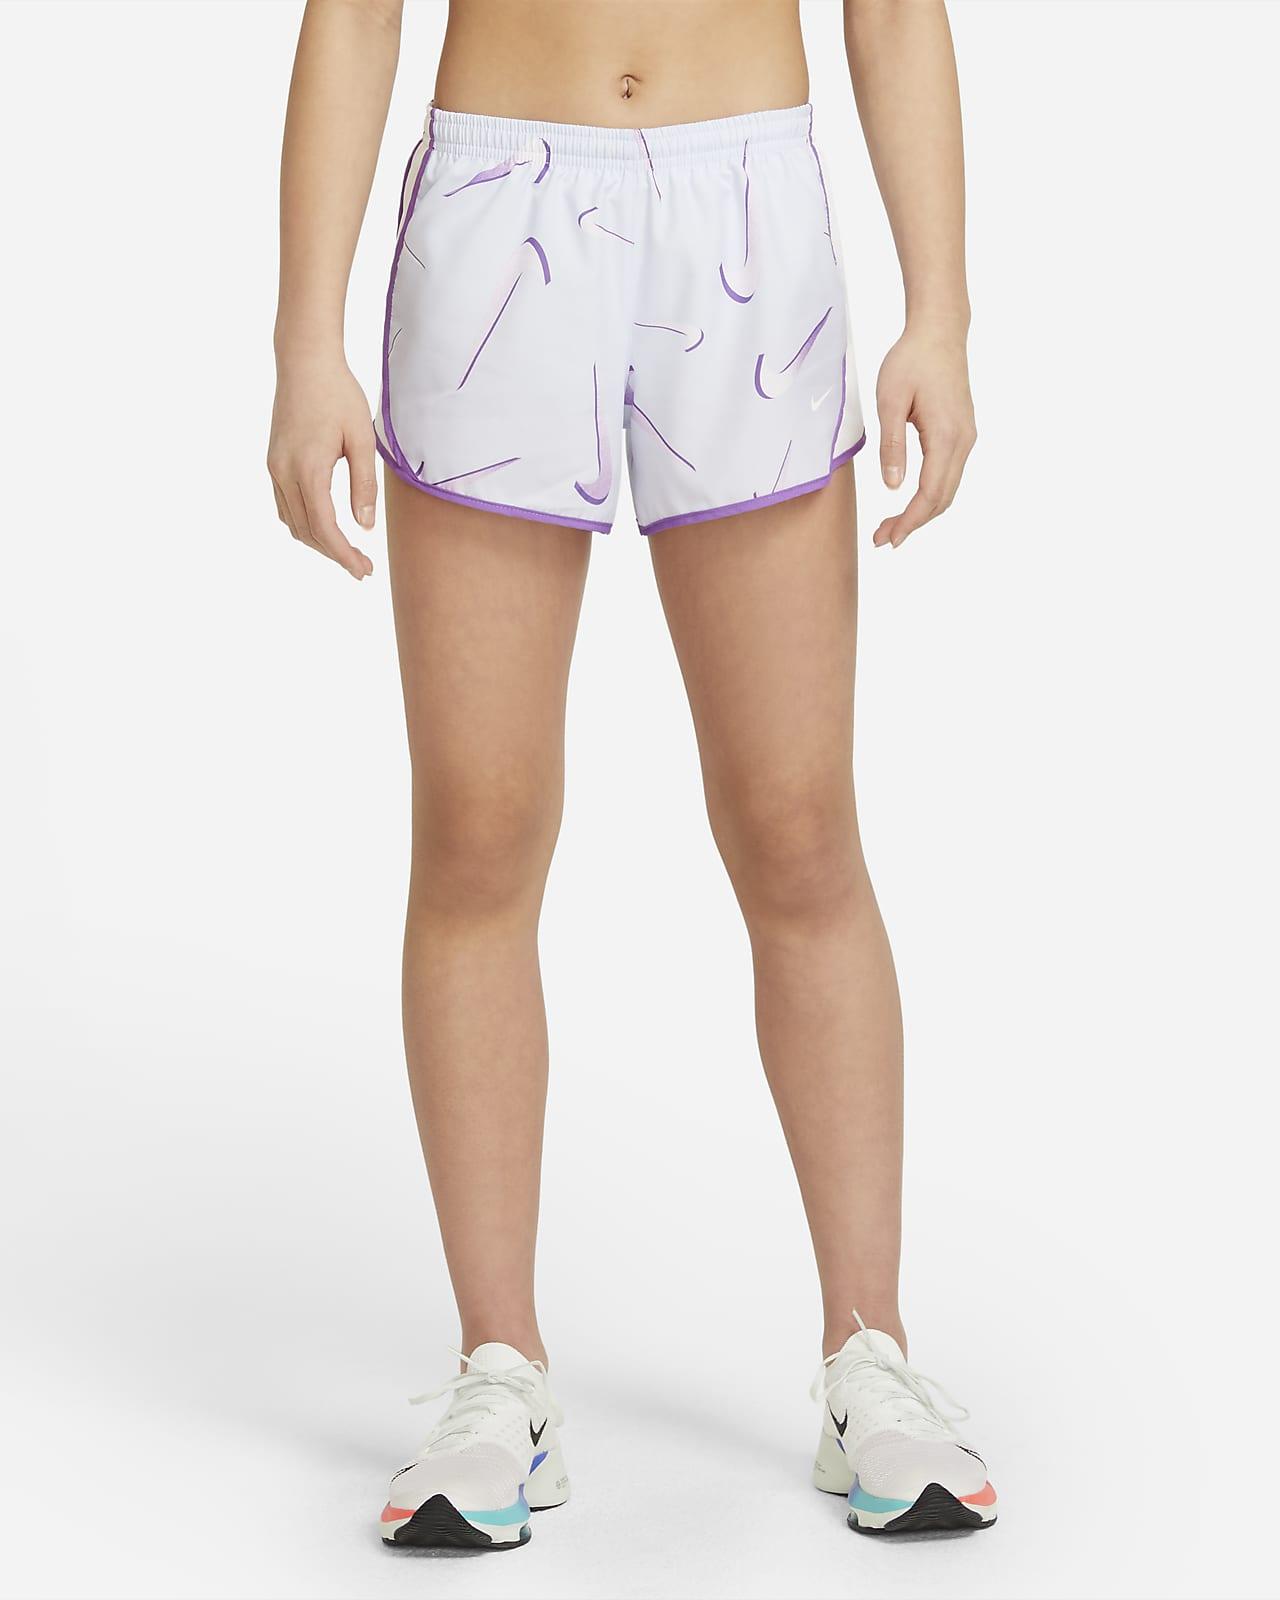 กางเกงเทรนนิ่ง Swoosh ขาสั้นเด็กโต Nike Dri-FIT Tempo (หญิง)